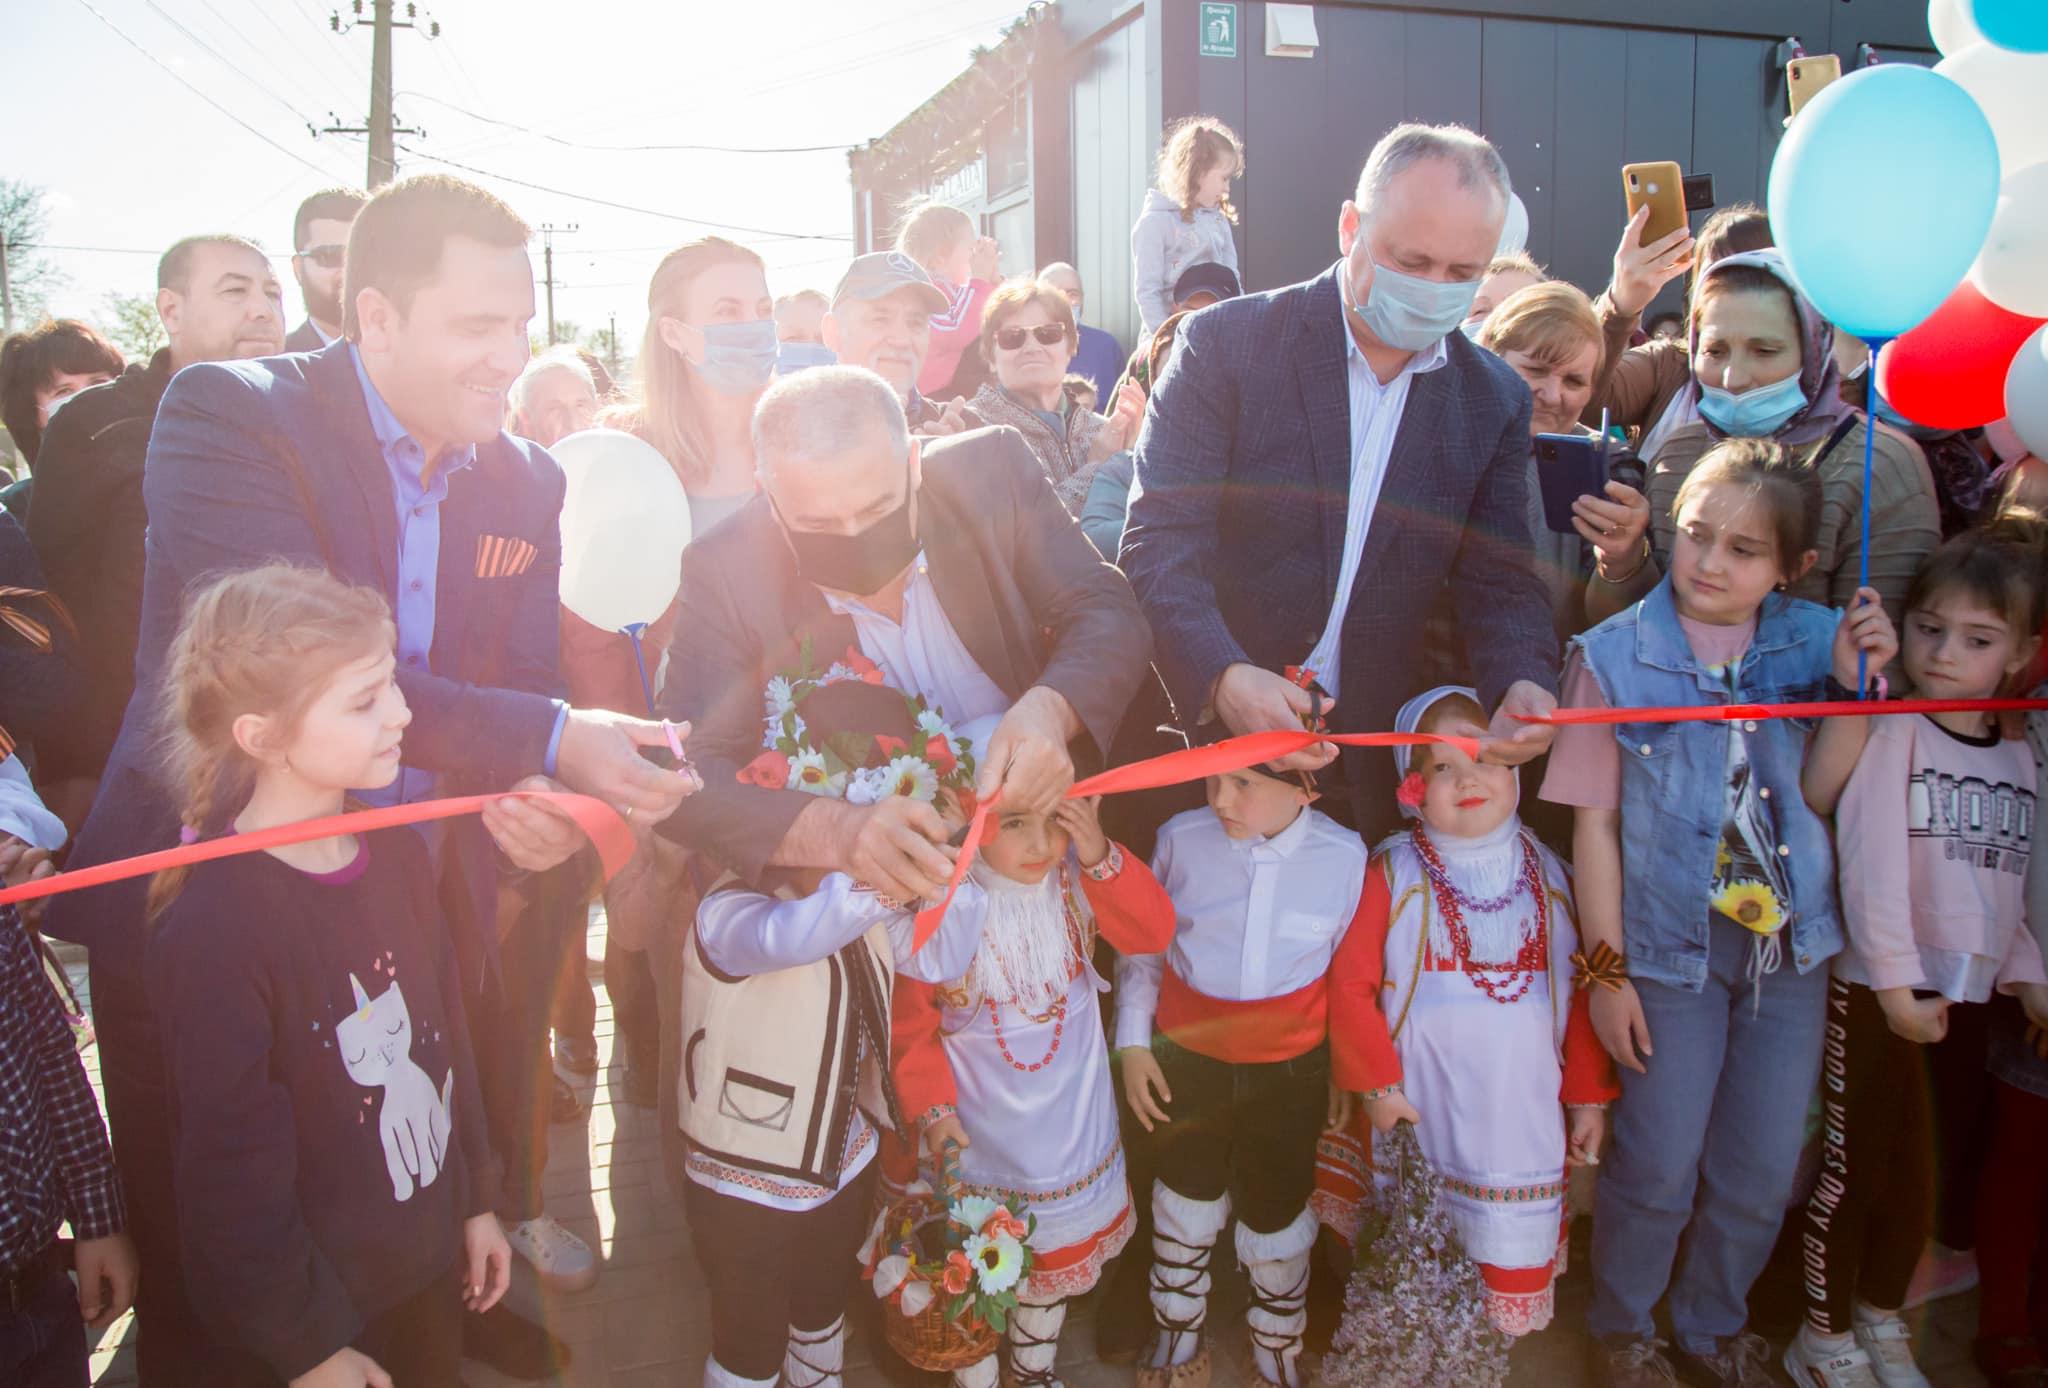 Додон открыл в селе Гайдар спортплощадку, которую ранее помог оснастить (ФОТО, ВИДЕО)